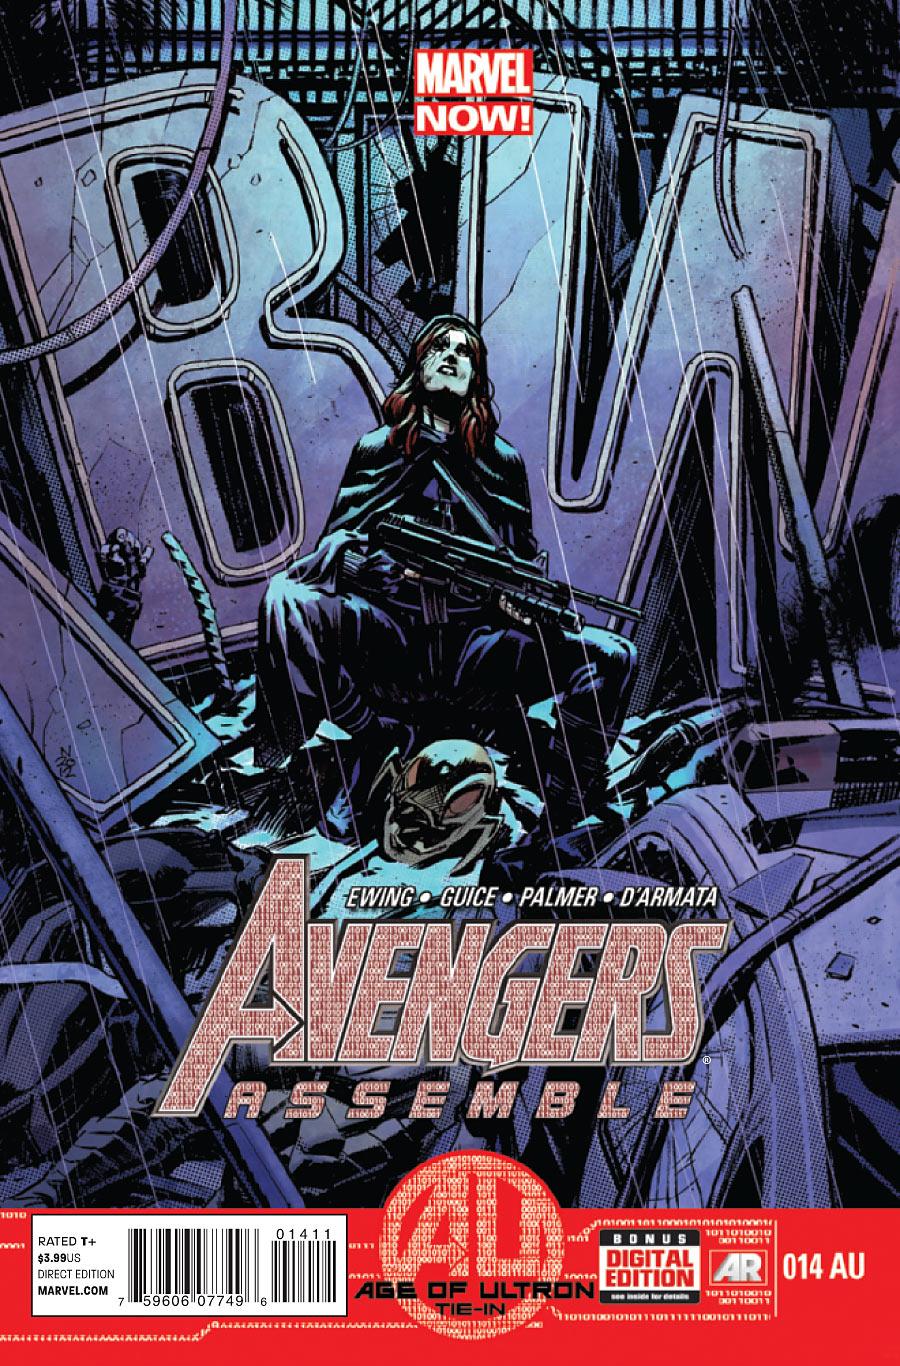 Avengers Assemble Vol 2 14AU